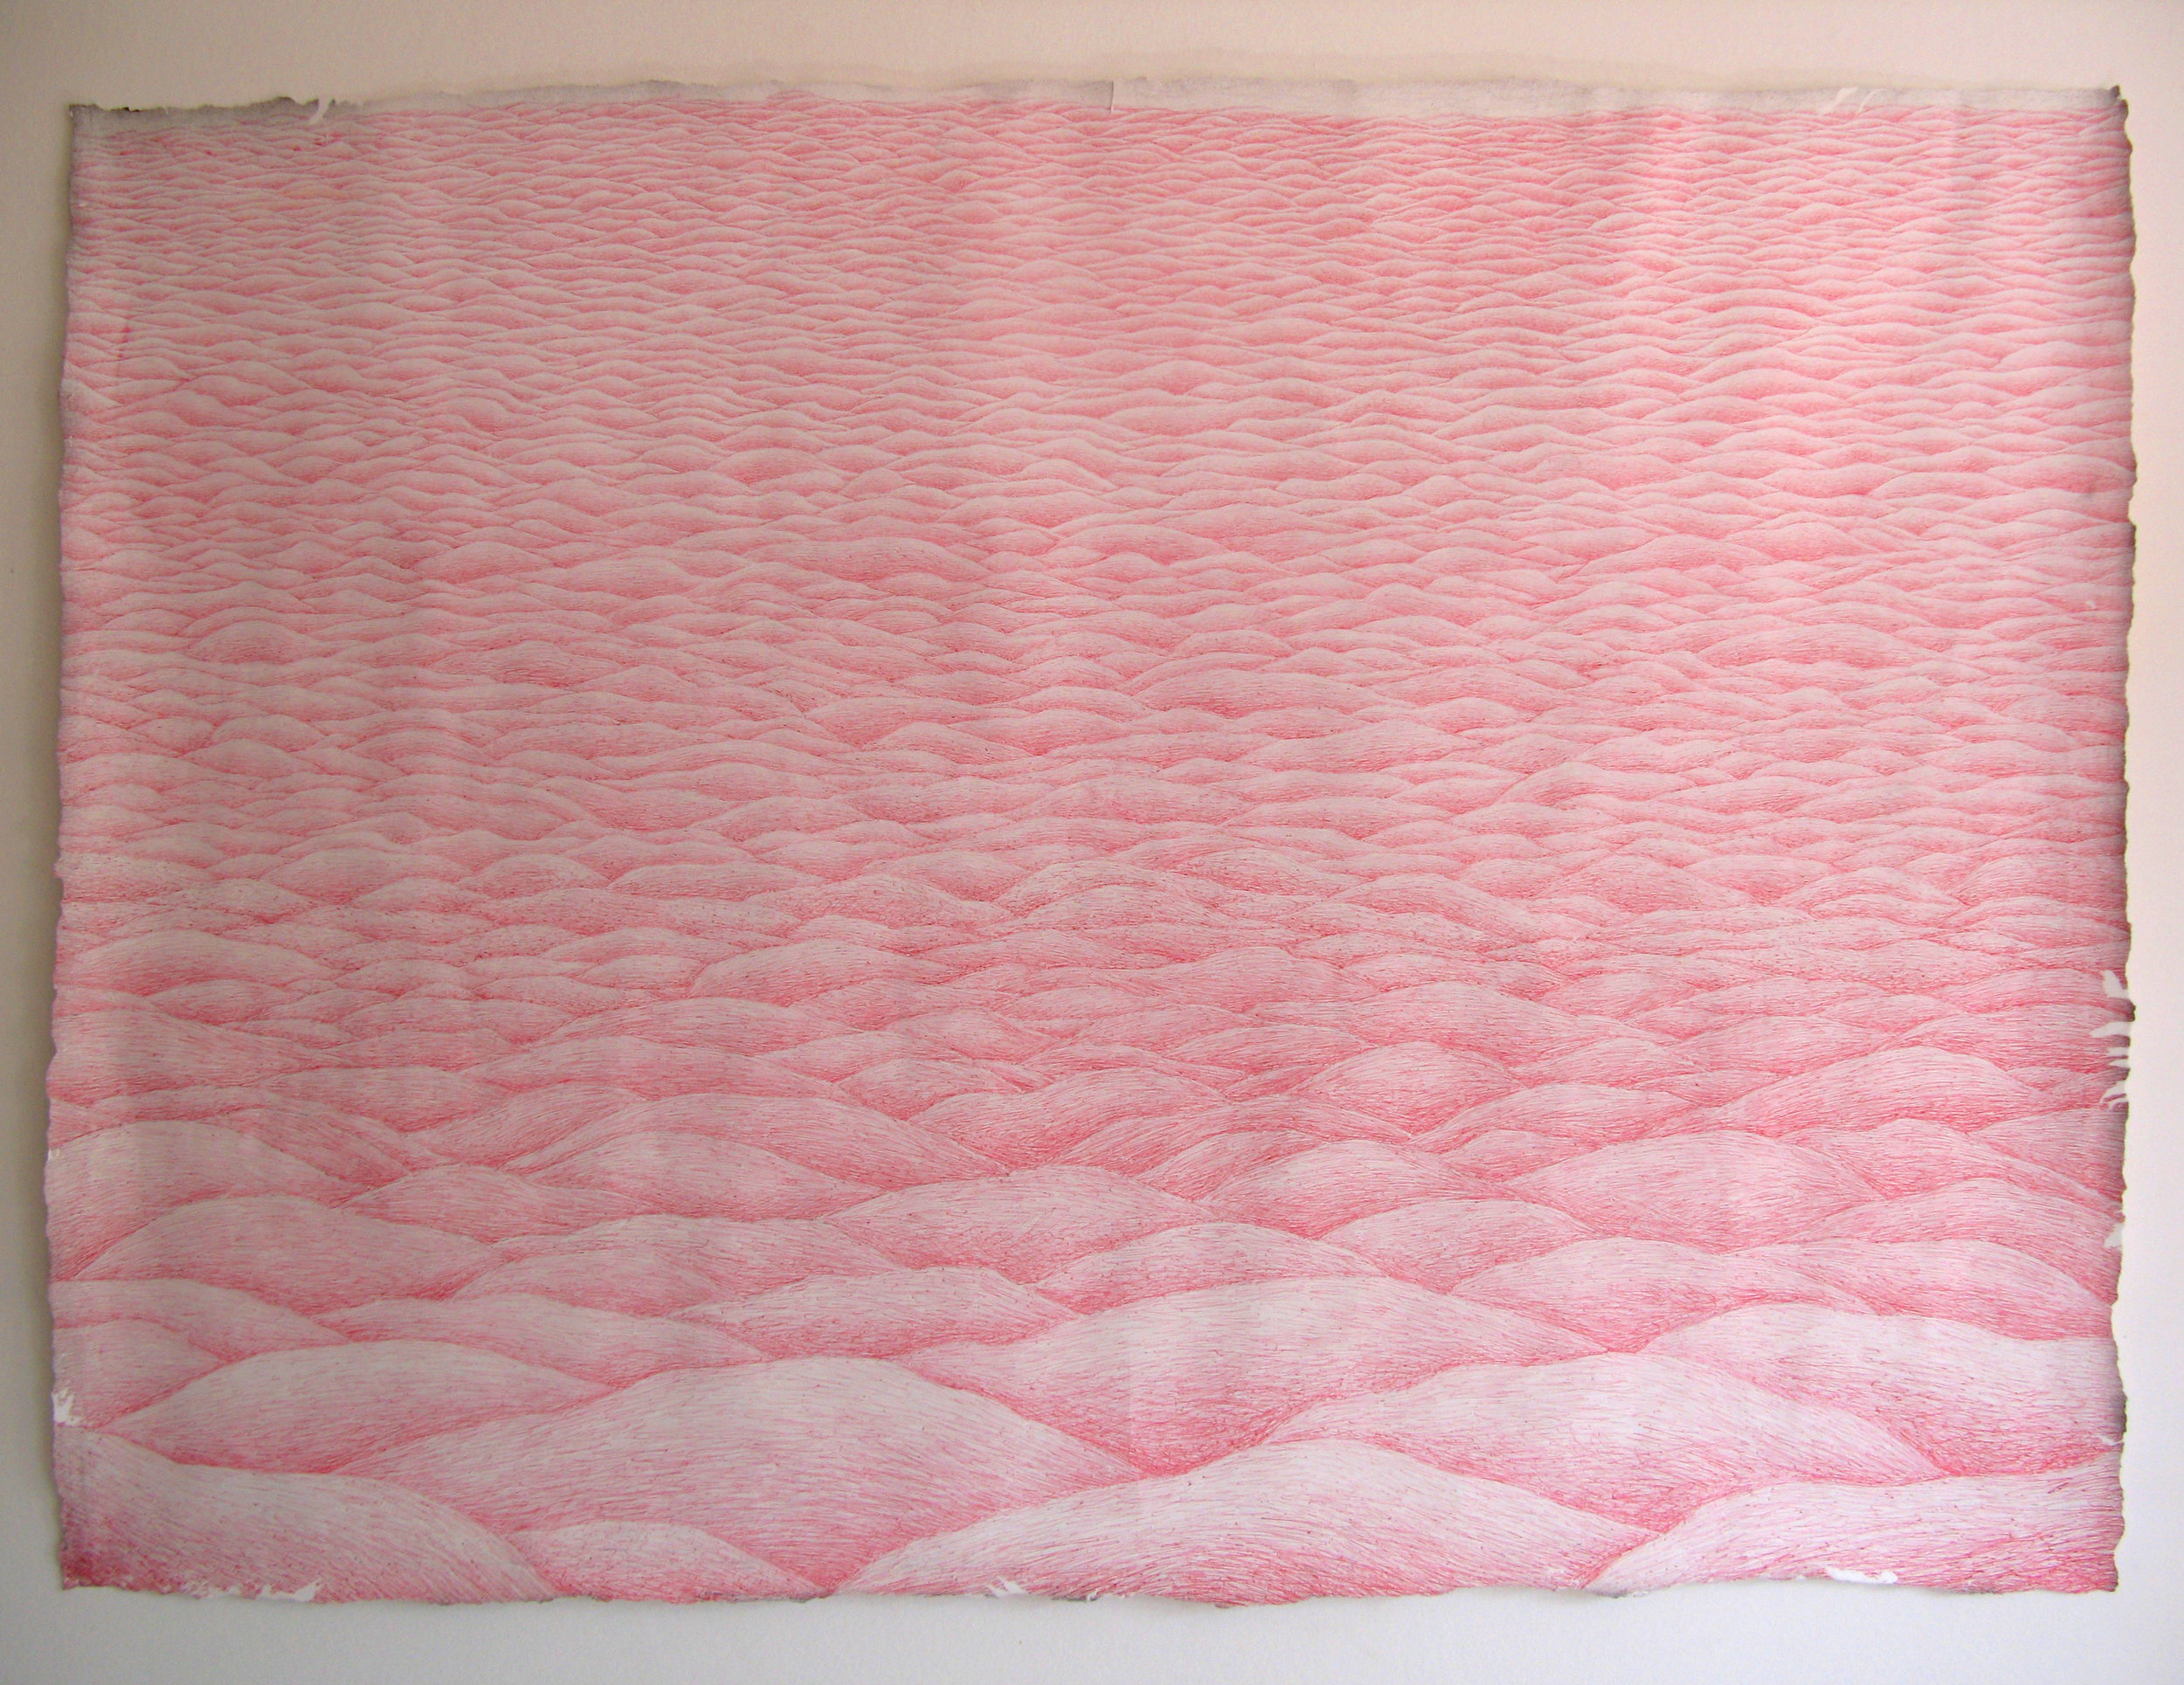 Uden Titel (Landskabsserie 1/4) / Untitled (Landscape series 1/4)  Kuglepen på papir / Ballpen on paper. 90x170cm. 2011